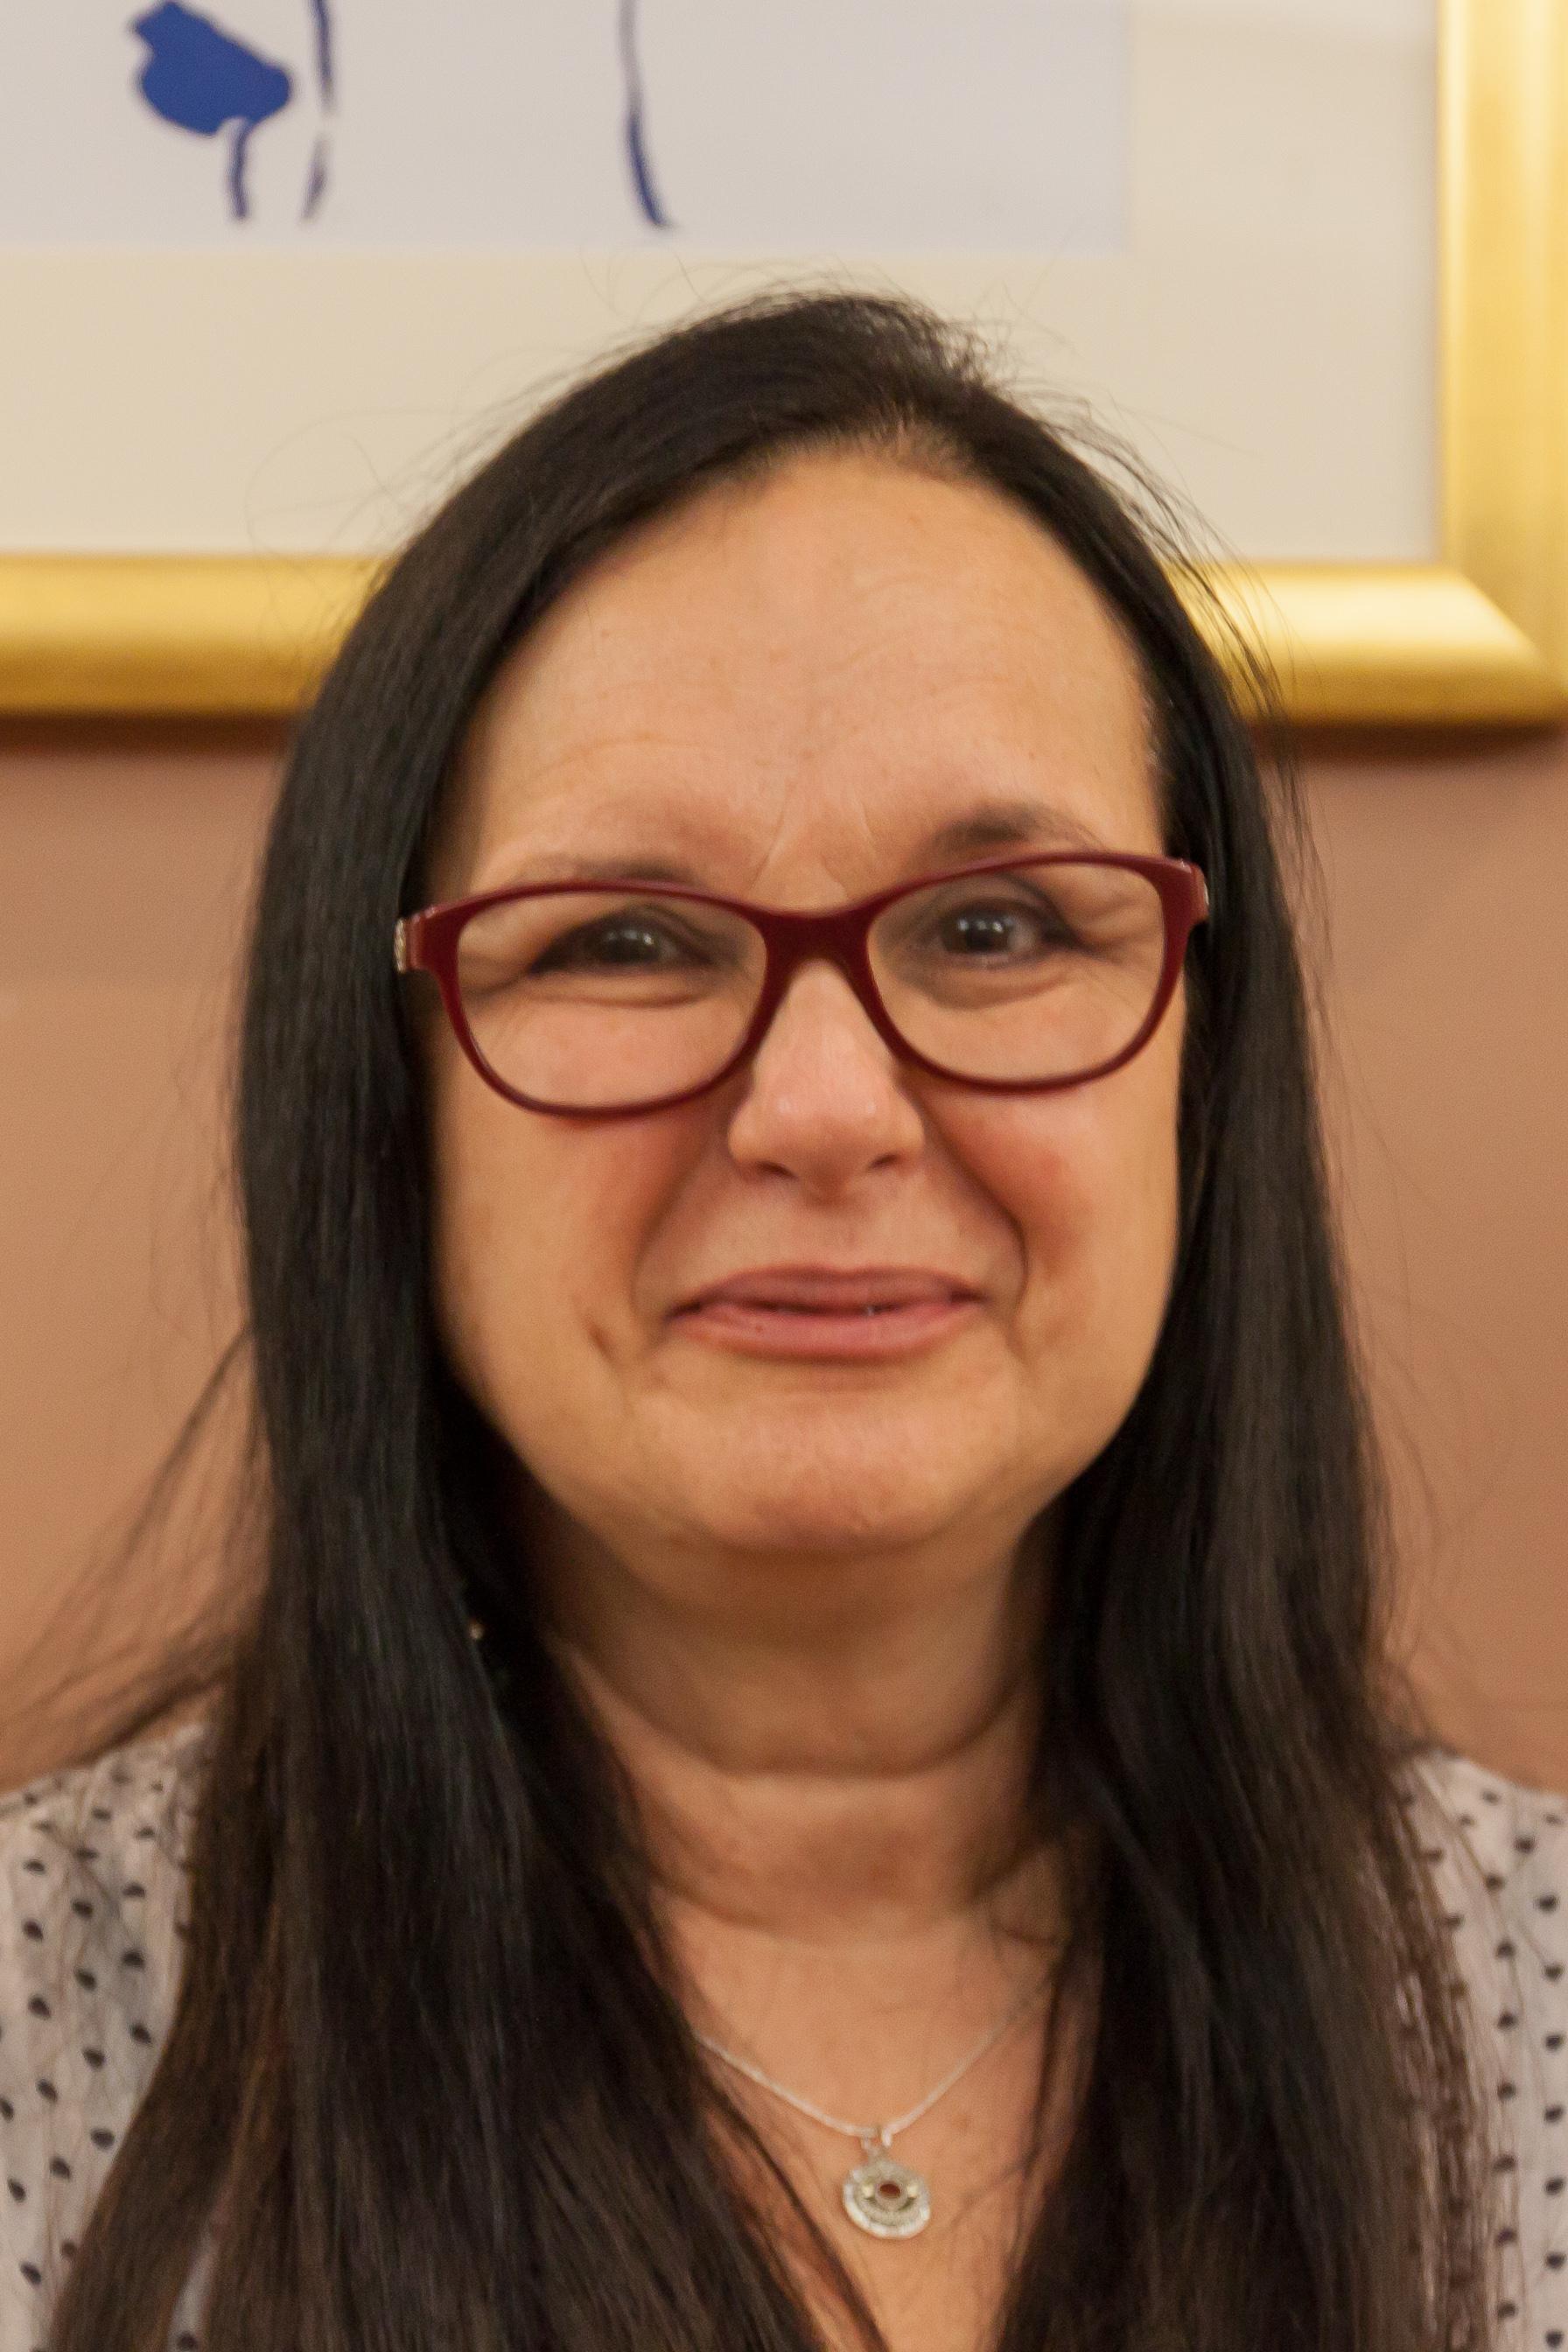 Gili Kenet, MD